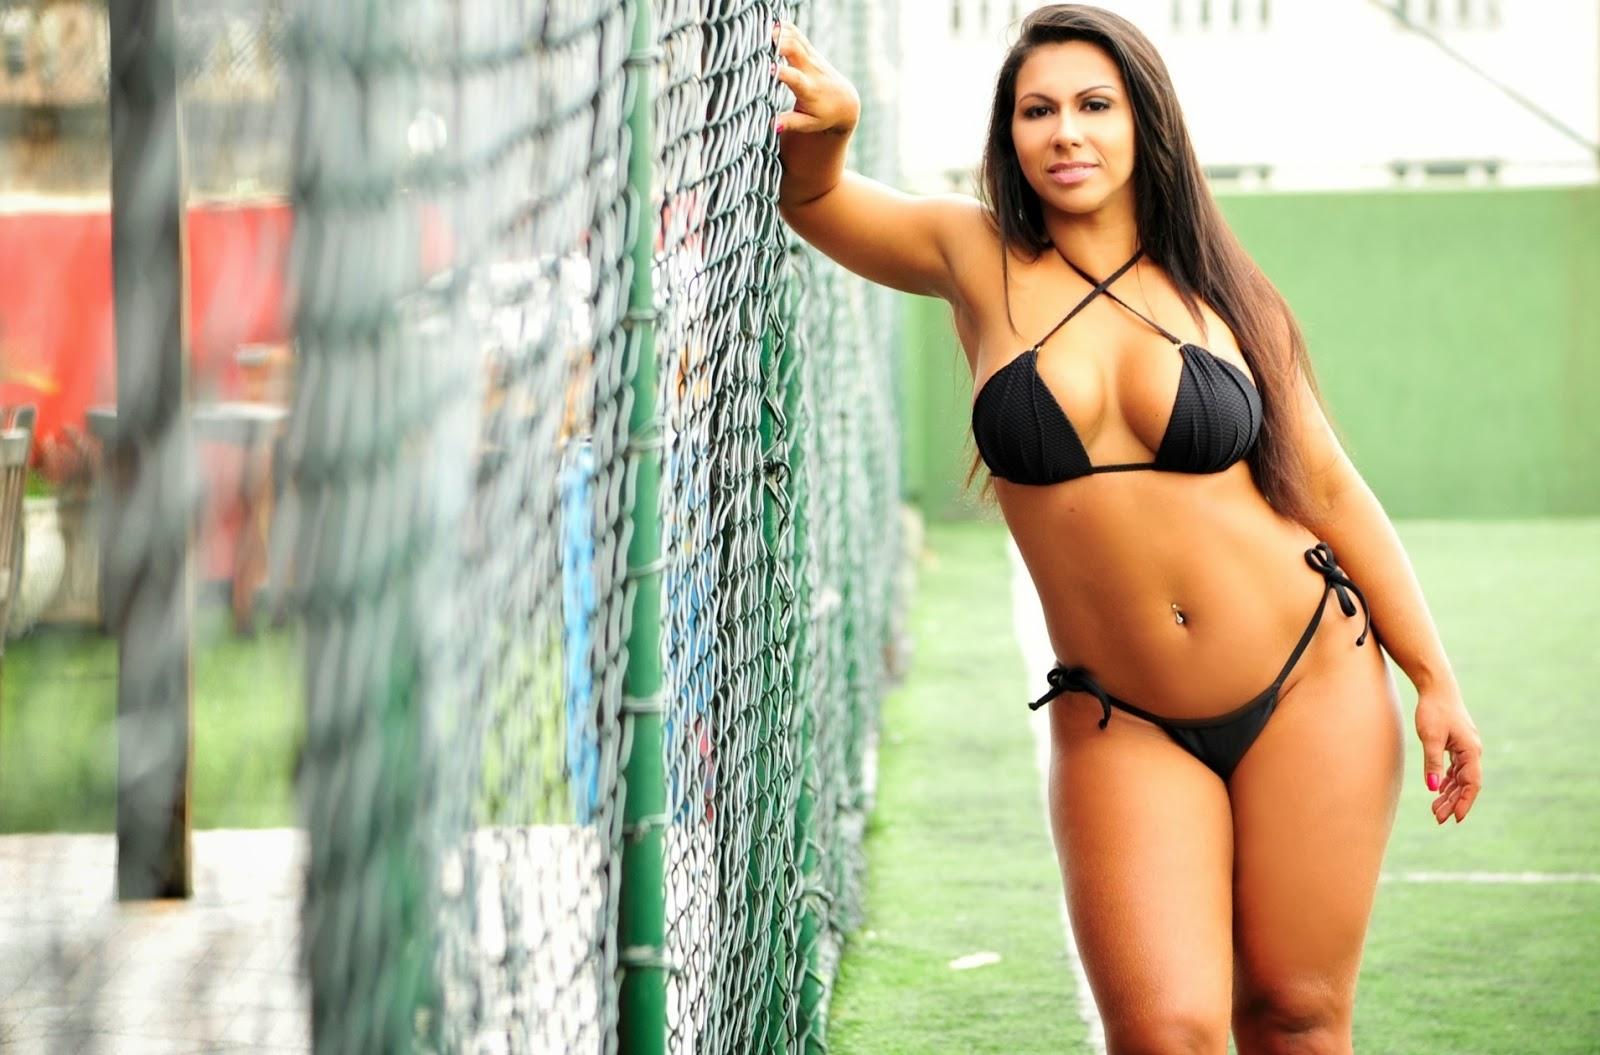 Colombiana caliente y atletico jugando y follando con dildo - 3 part 5